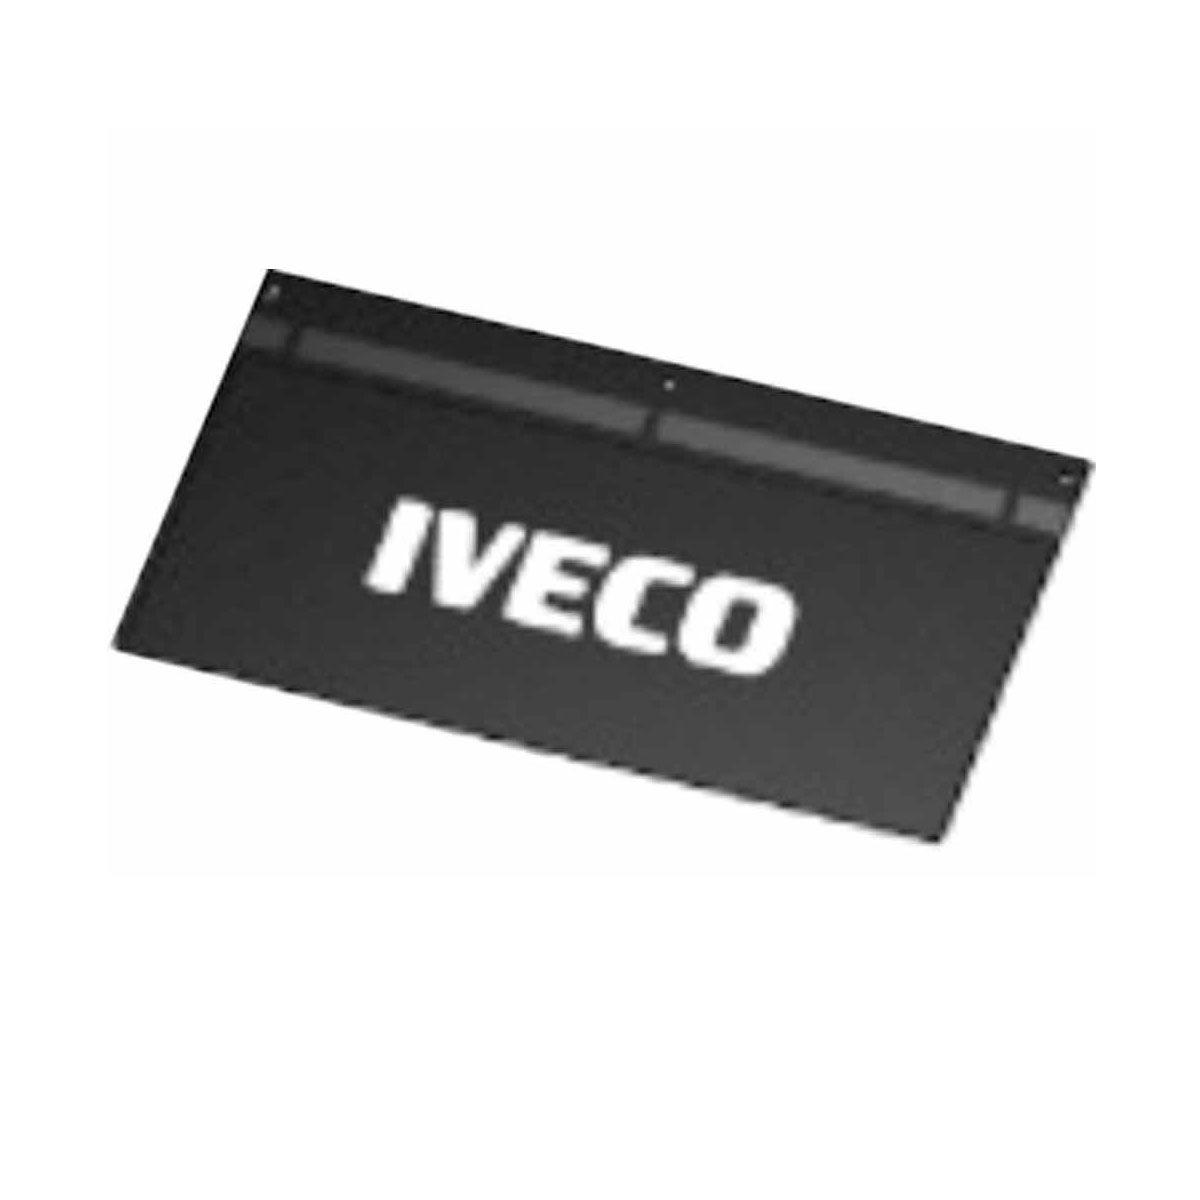 Apara Barro Dianteiro Alto Relevo para Iveco (46x5x22,5)